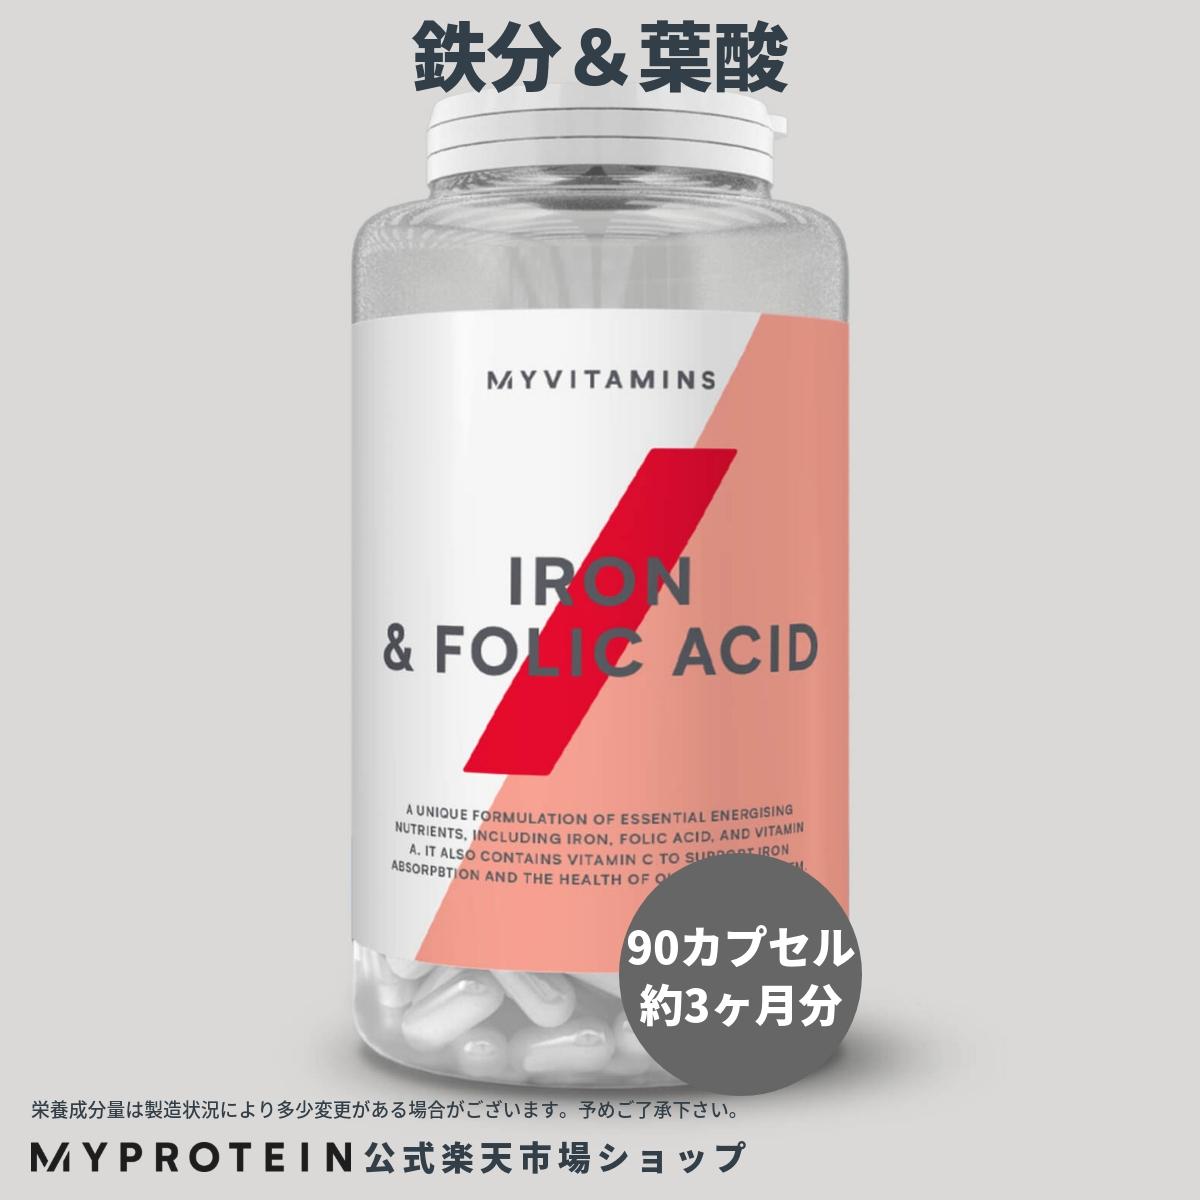 マイプロテイン 公式 【MyProtein】 鉄分 & 葉酸 サプリ 90カプセル 約3ヶ月分| サプリメント サプリ 鉄分 マグネシウム ビタミンC ビタミンB ビタミンA 葉酸 栄養補助 リカバリー 美容サプリ アイアンプラス